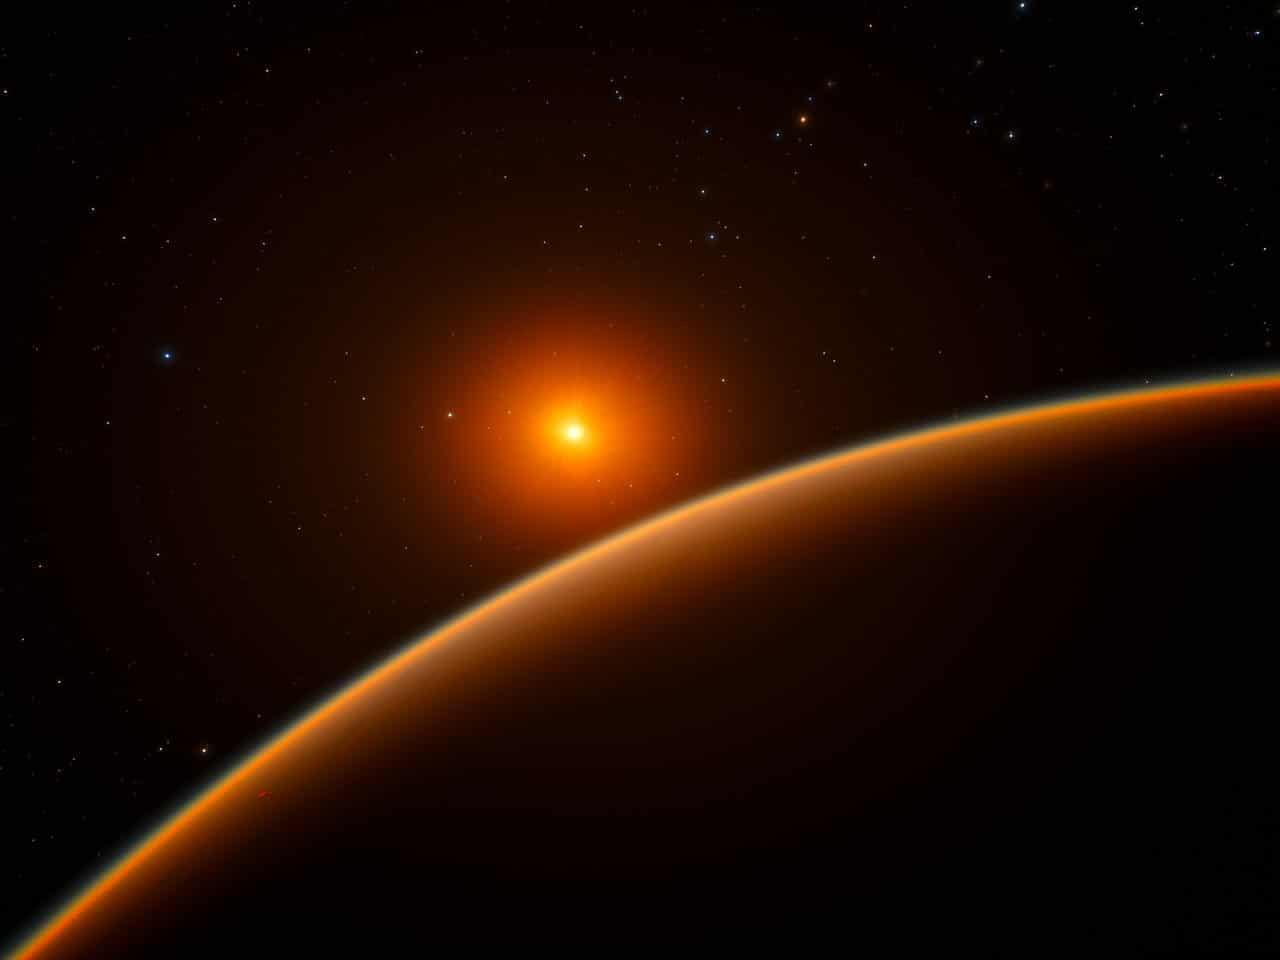 ¿Hay otros tipos de vida en el universo?